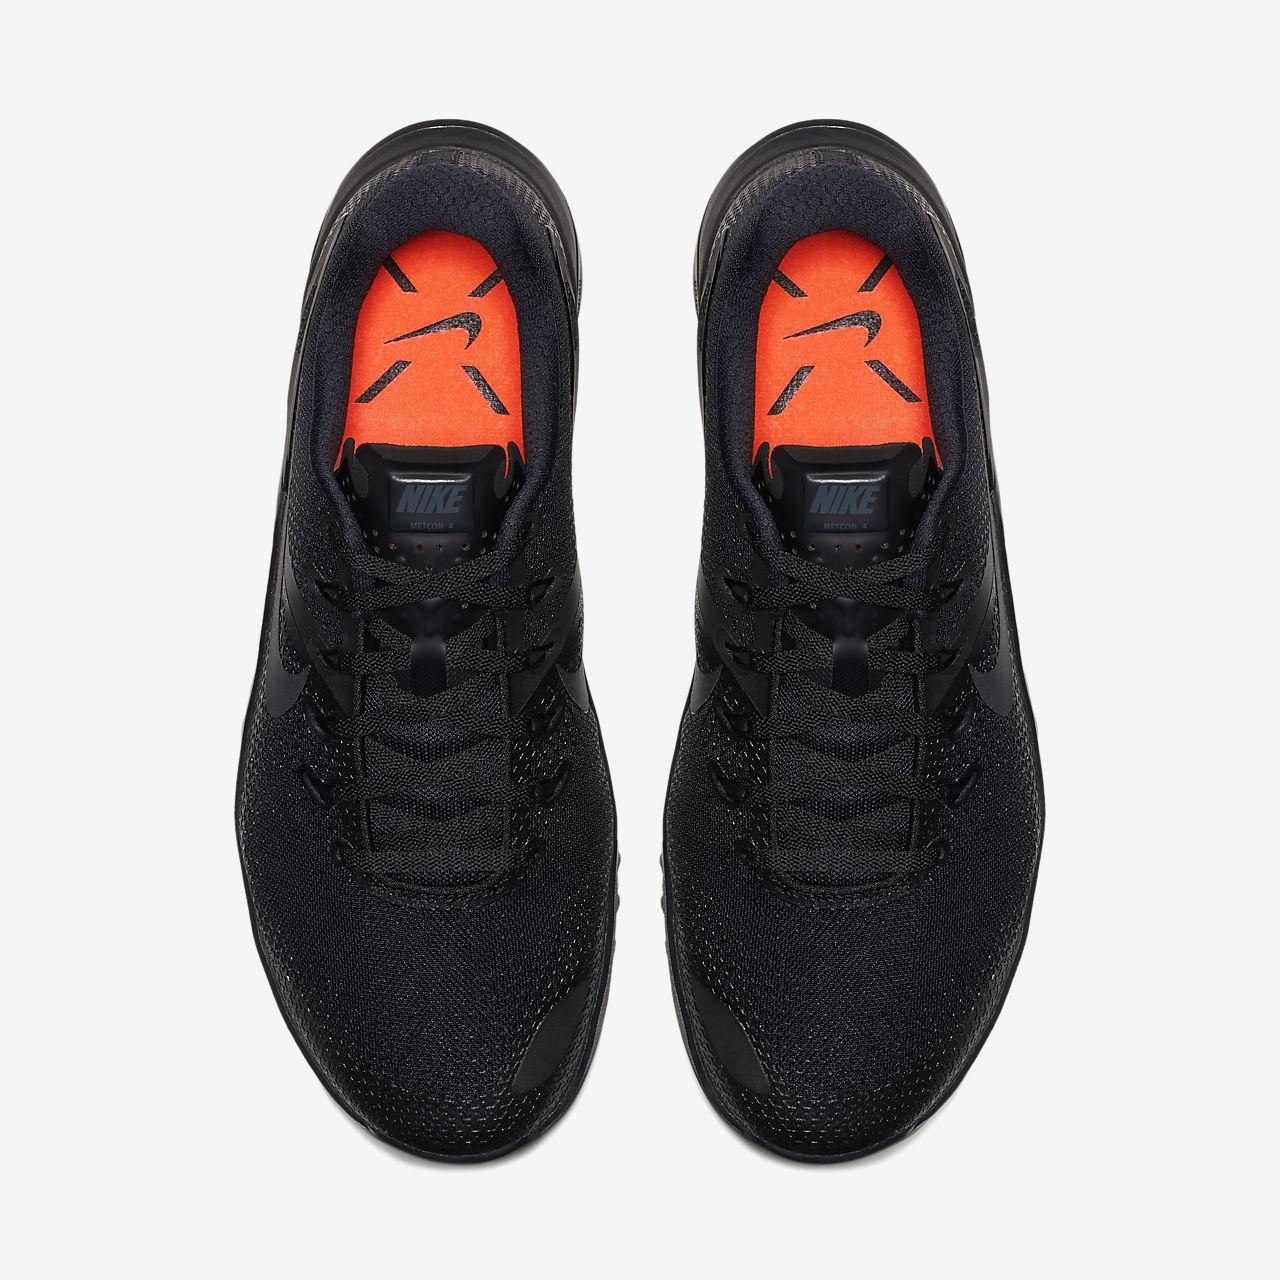 c896472aac717 ... Nike Metcon 4 Zapatillas de entrenamiento y levantamiento de pesas -  Hombre